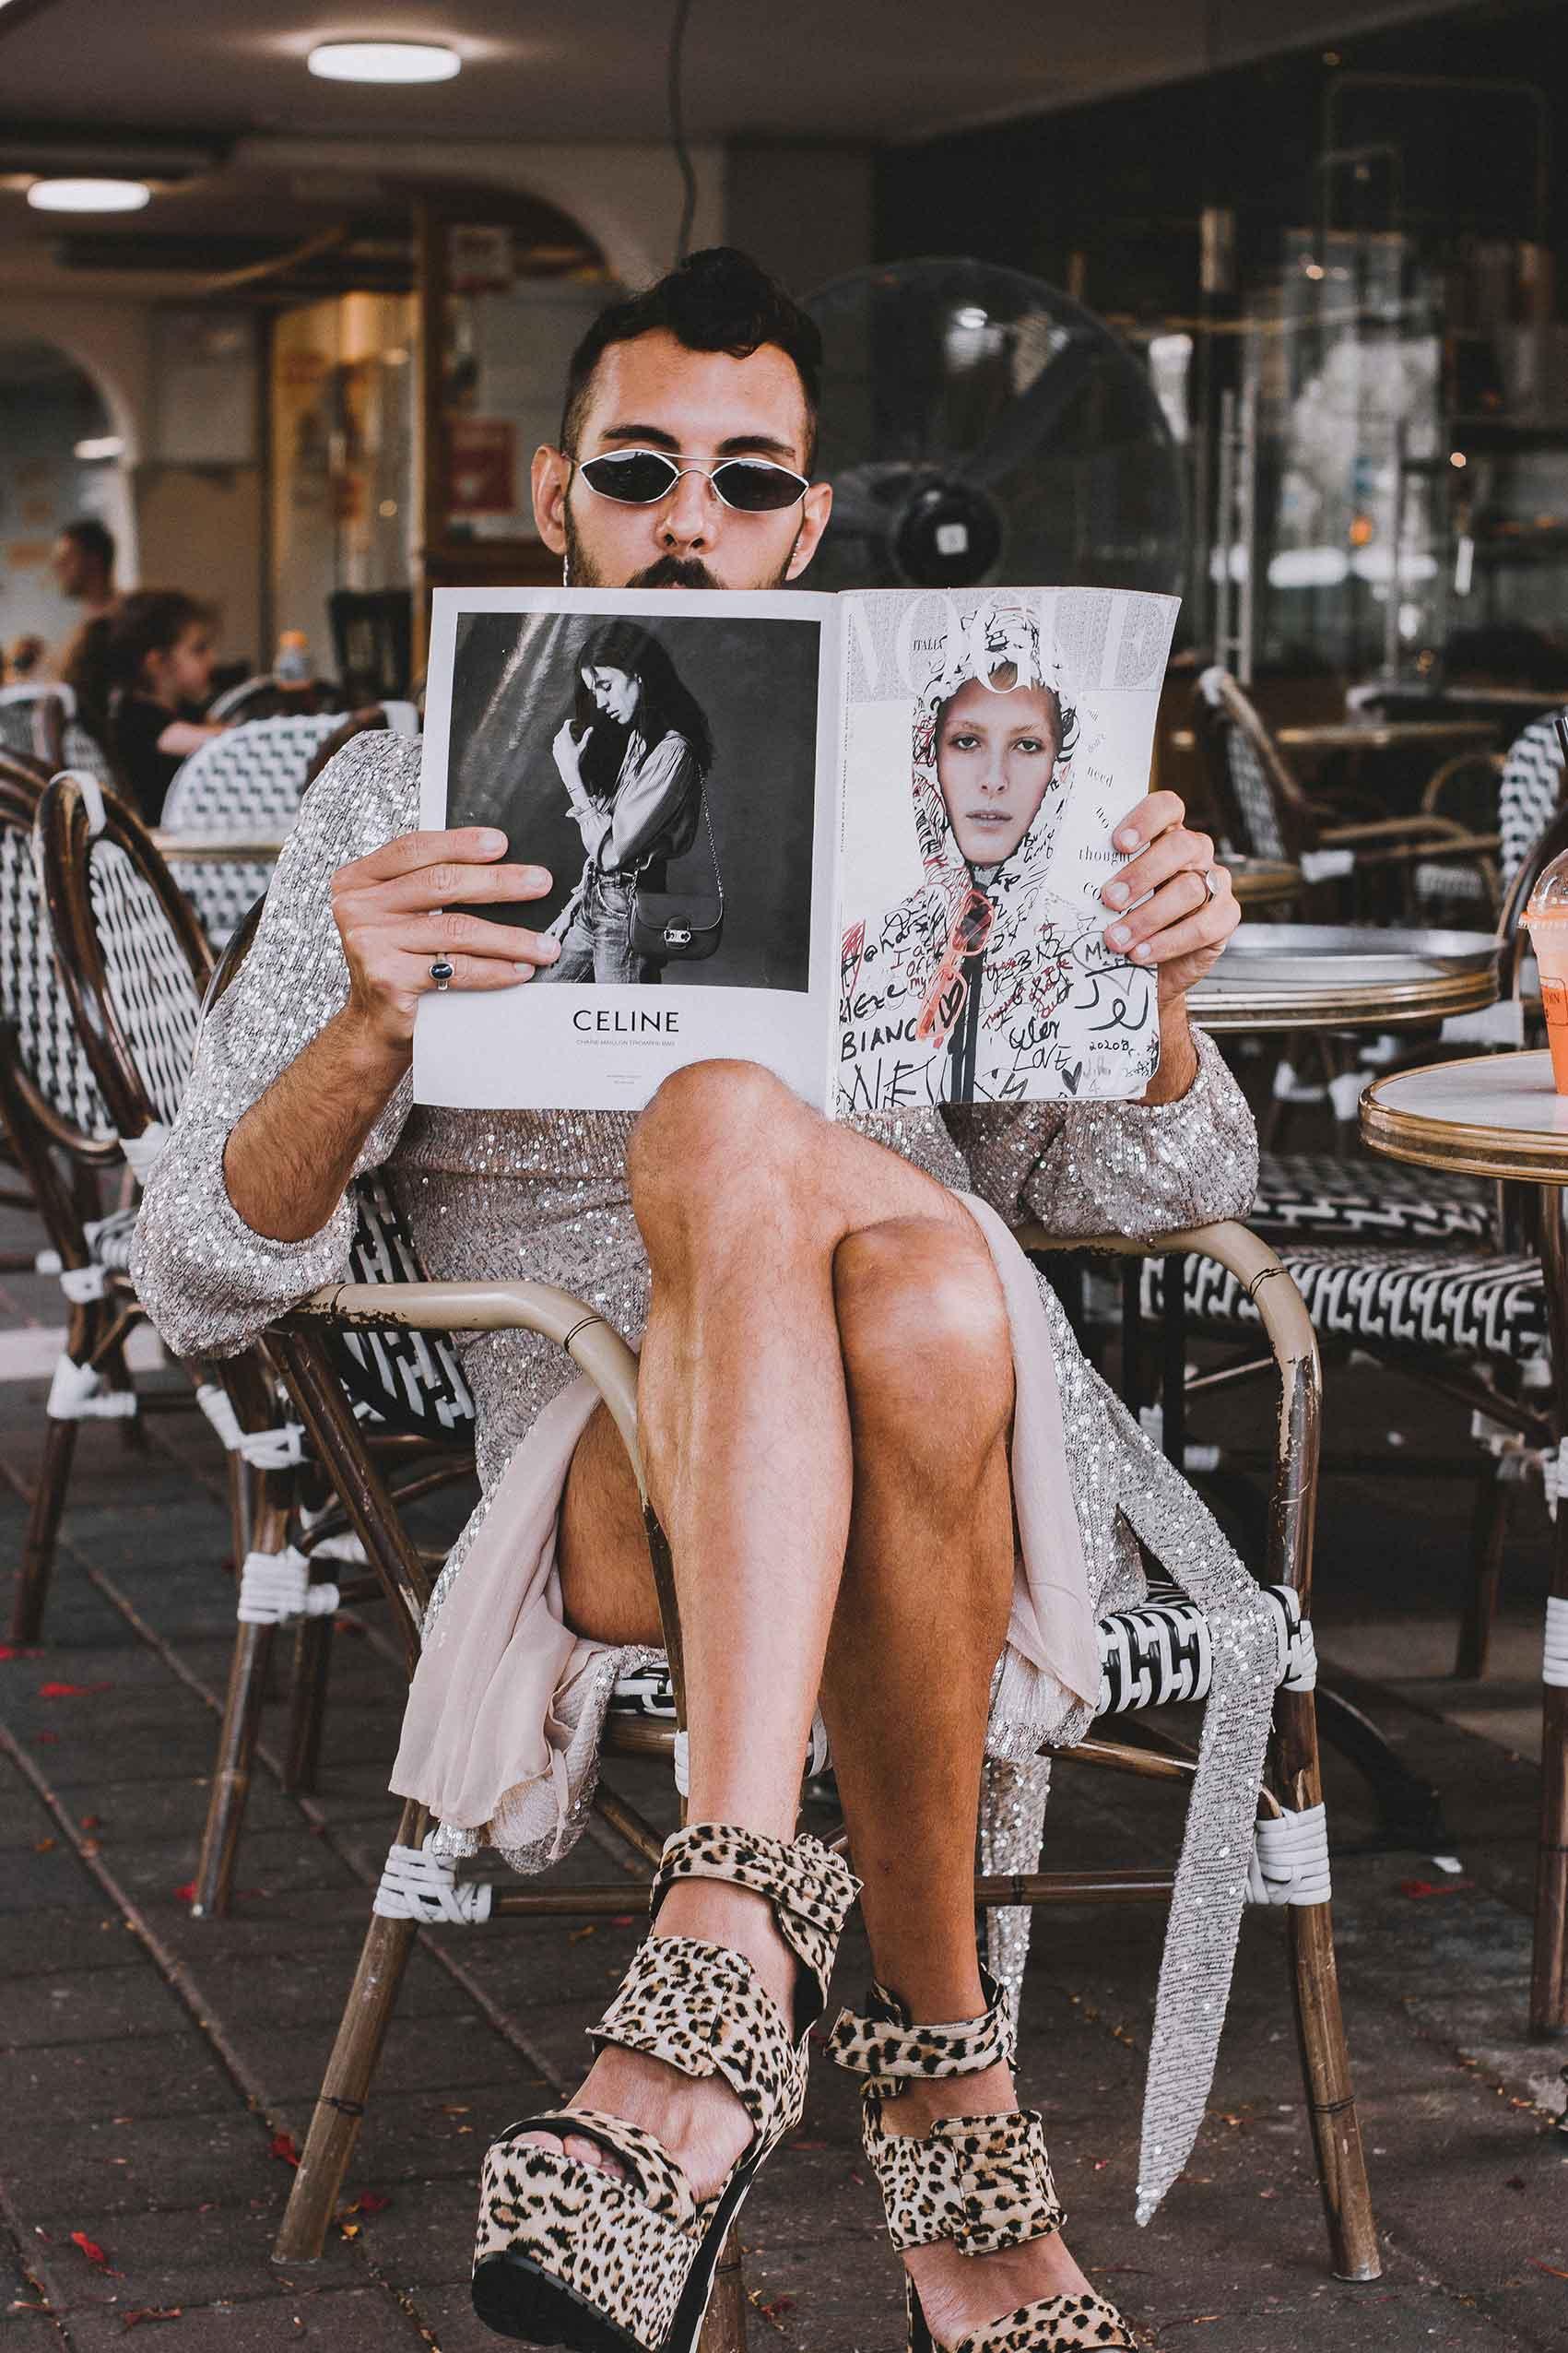 שמלה ומשקפיים: שחר רבן, נעליים: אוסף פרטי